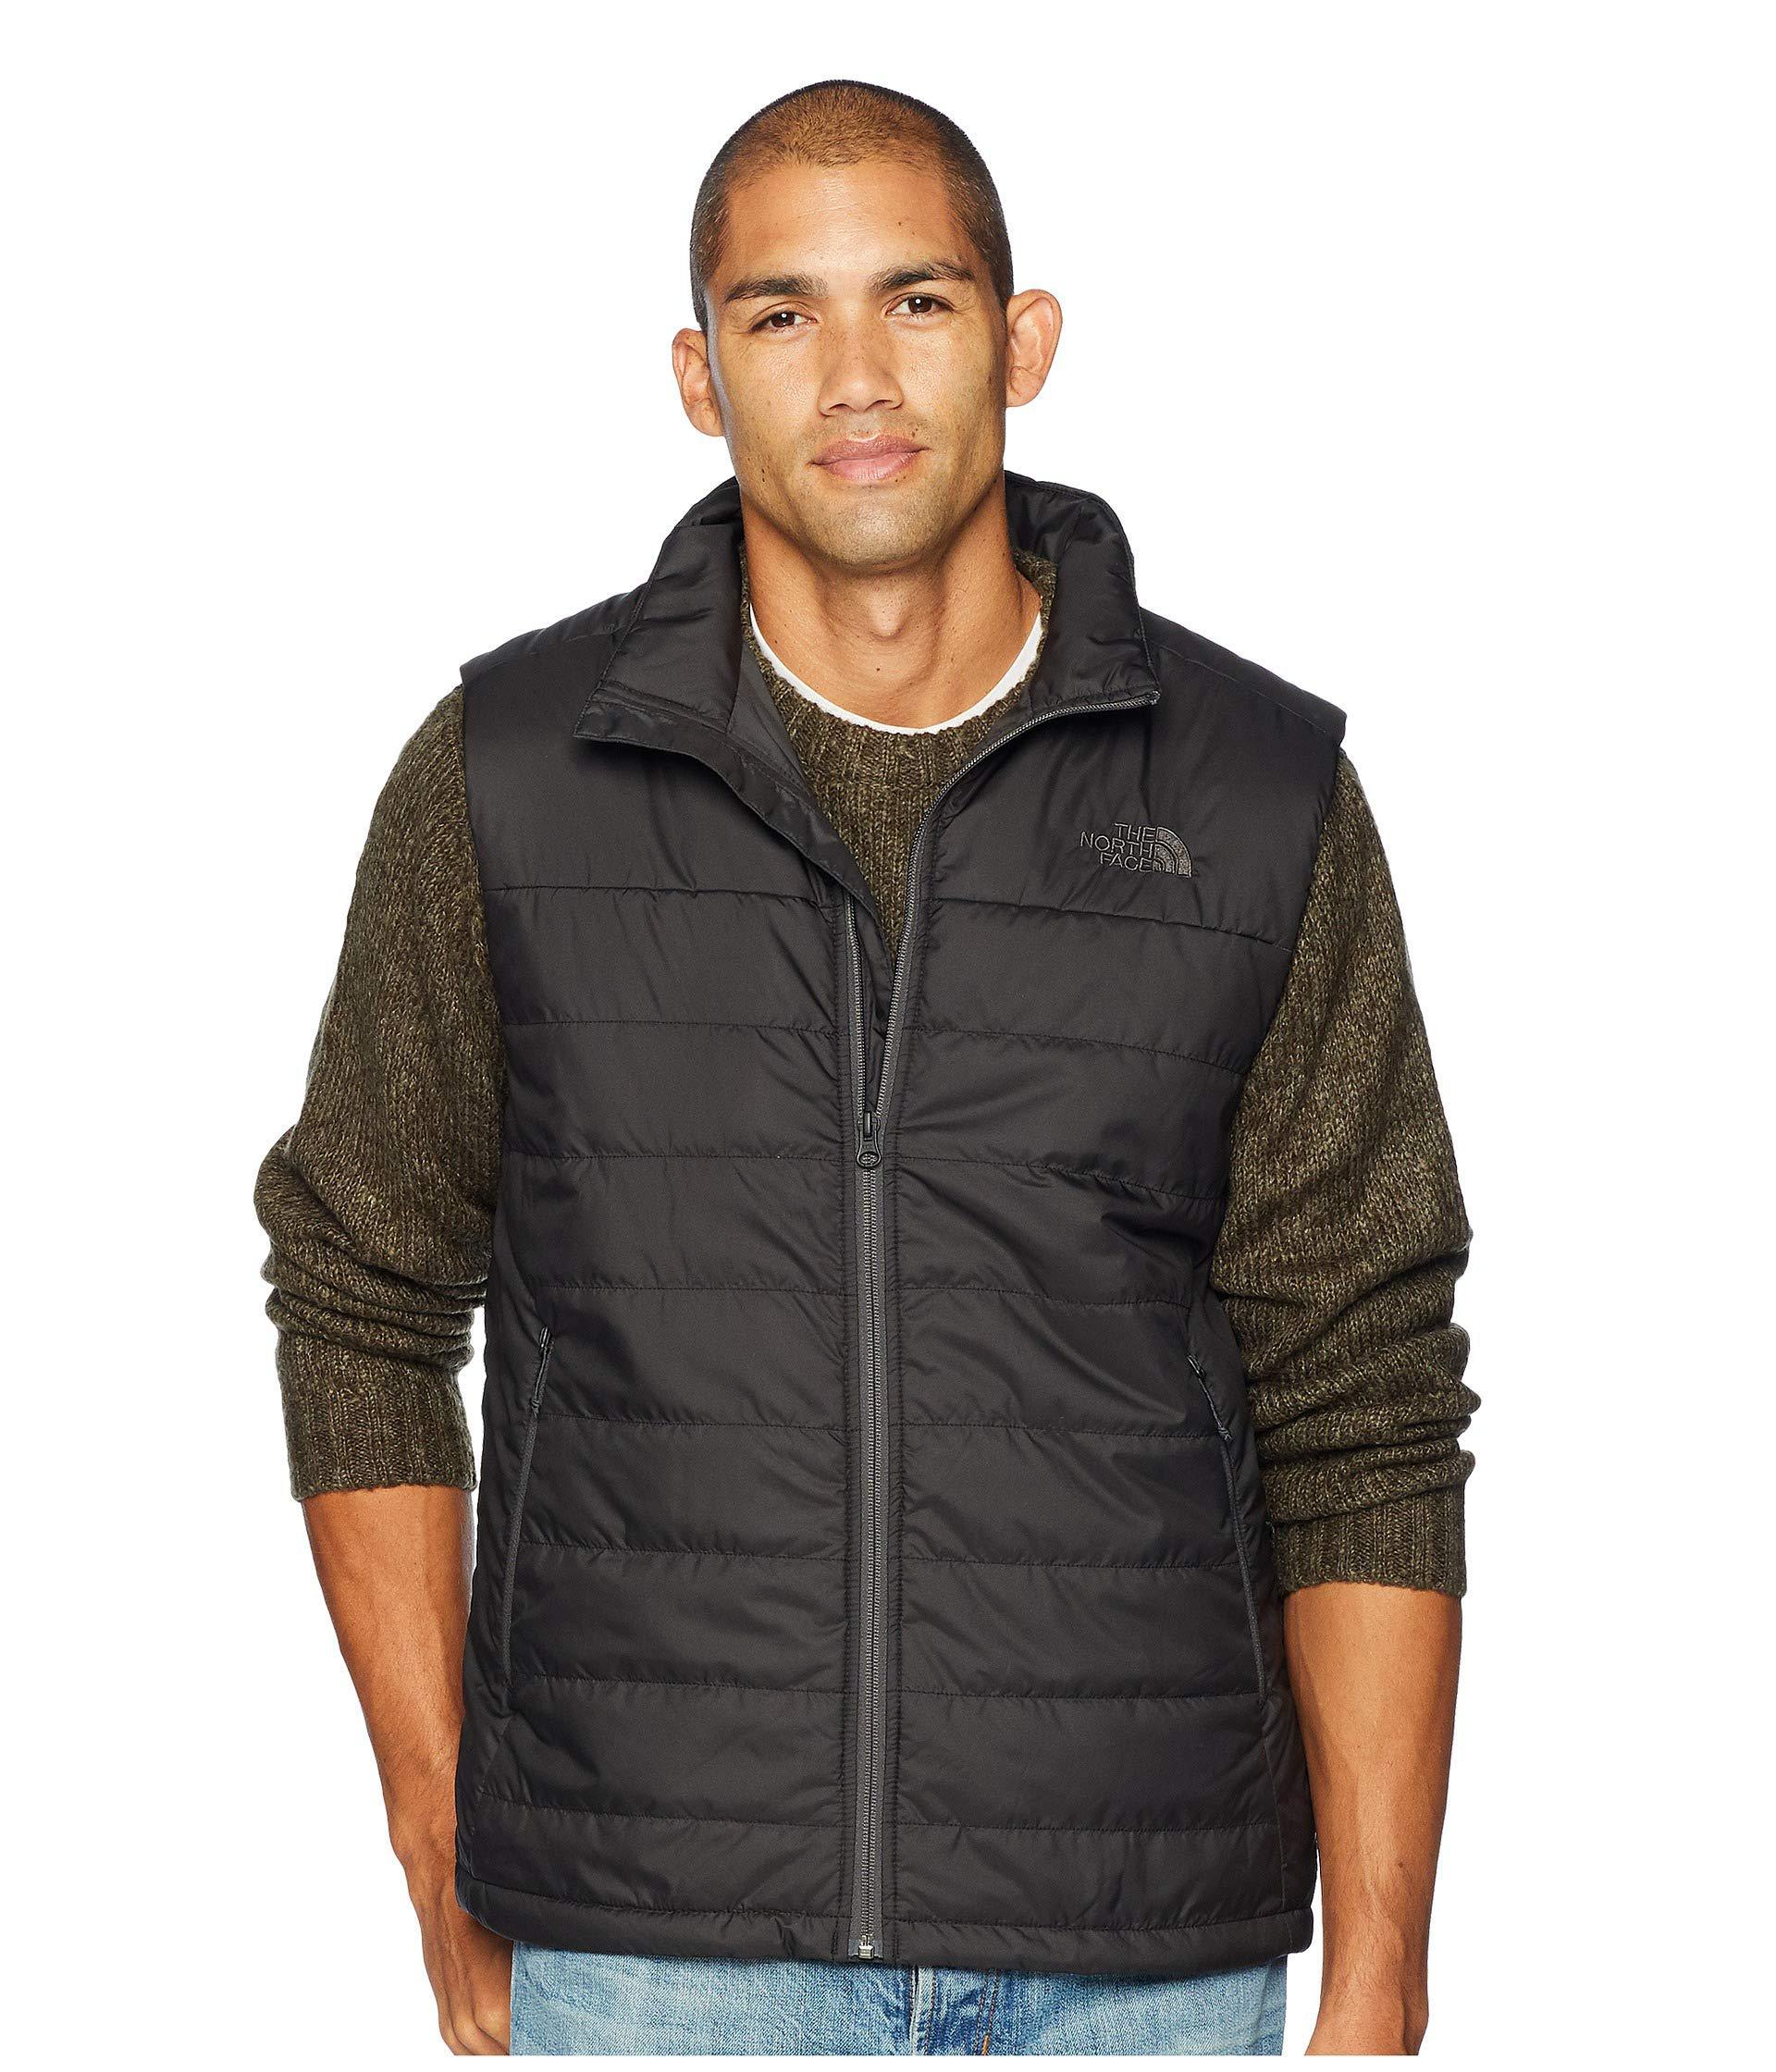 Lyst - The North Face Bombay Vest (tnf Black) Men s Vest in Black ... 0edbd9e29